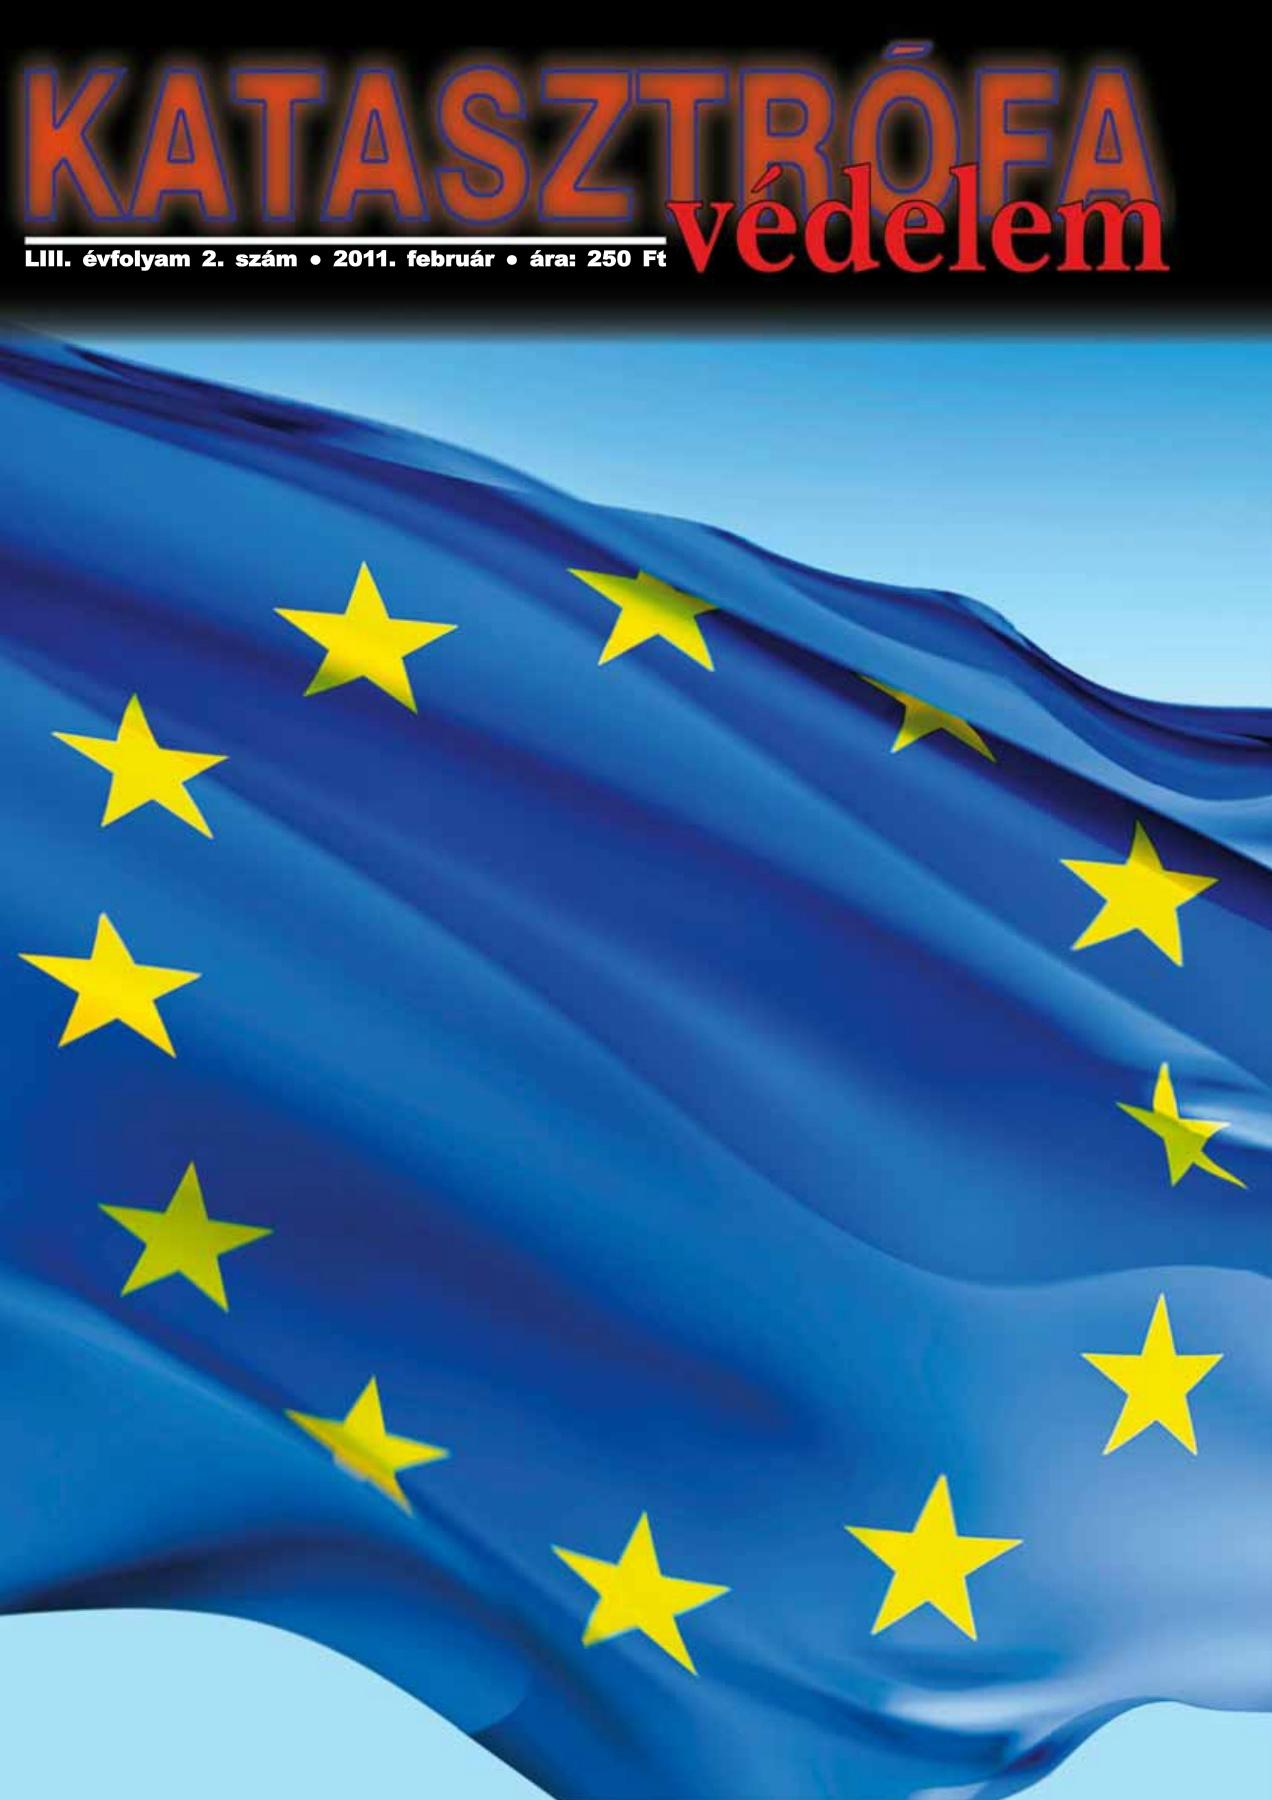 A Katasztrófavédelem magazin LIII. évfolyam 2. szám megtekintése